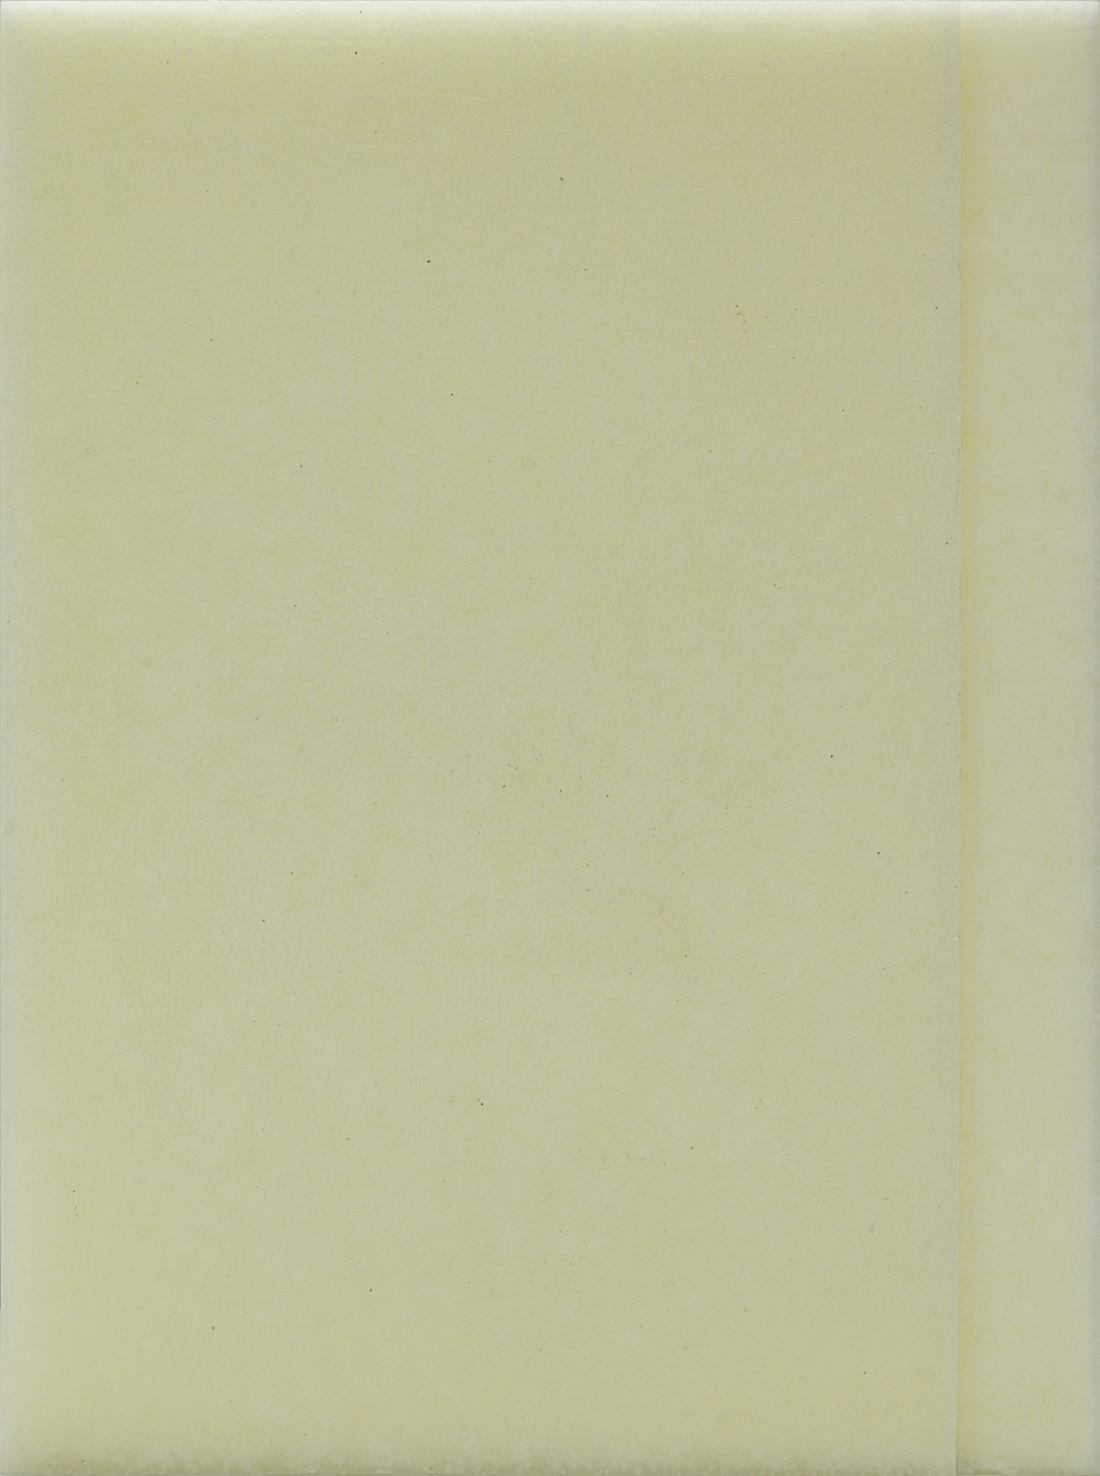 Luke HENG Monologue 2.2 2015 Paraffin wax, beeswax and steel shelf H52 x W39 x D3.5 cm (artwork) H4 x W40 x D5.5 cm (shelf)